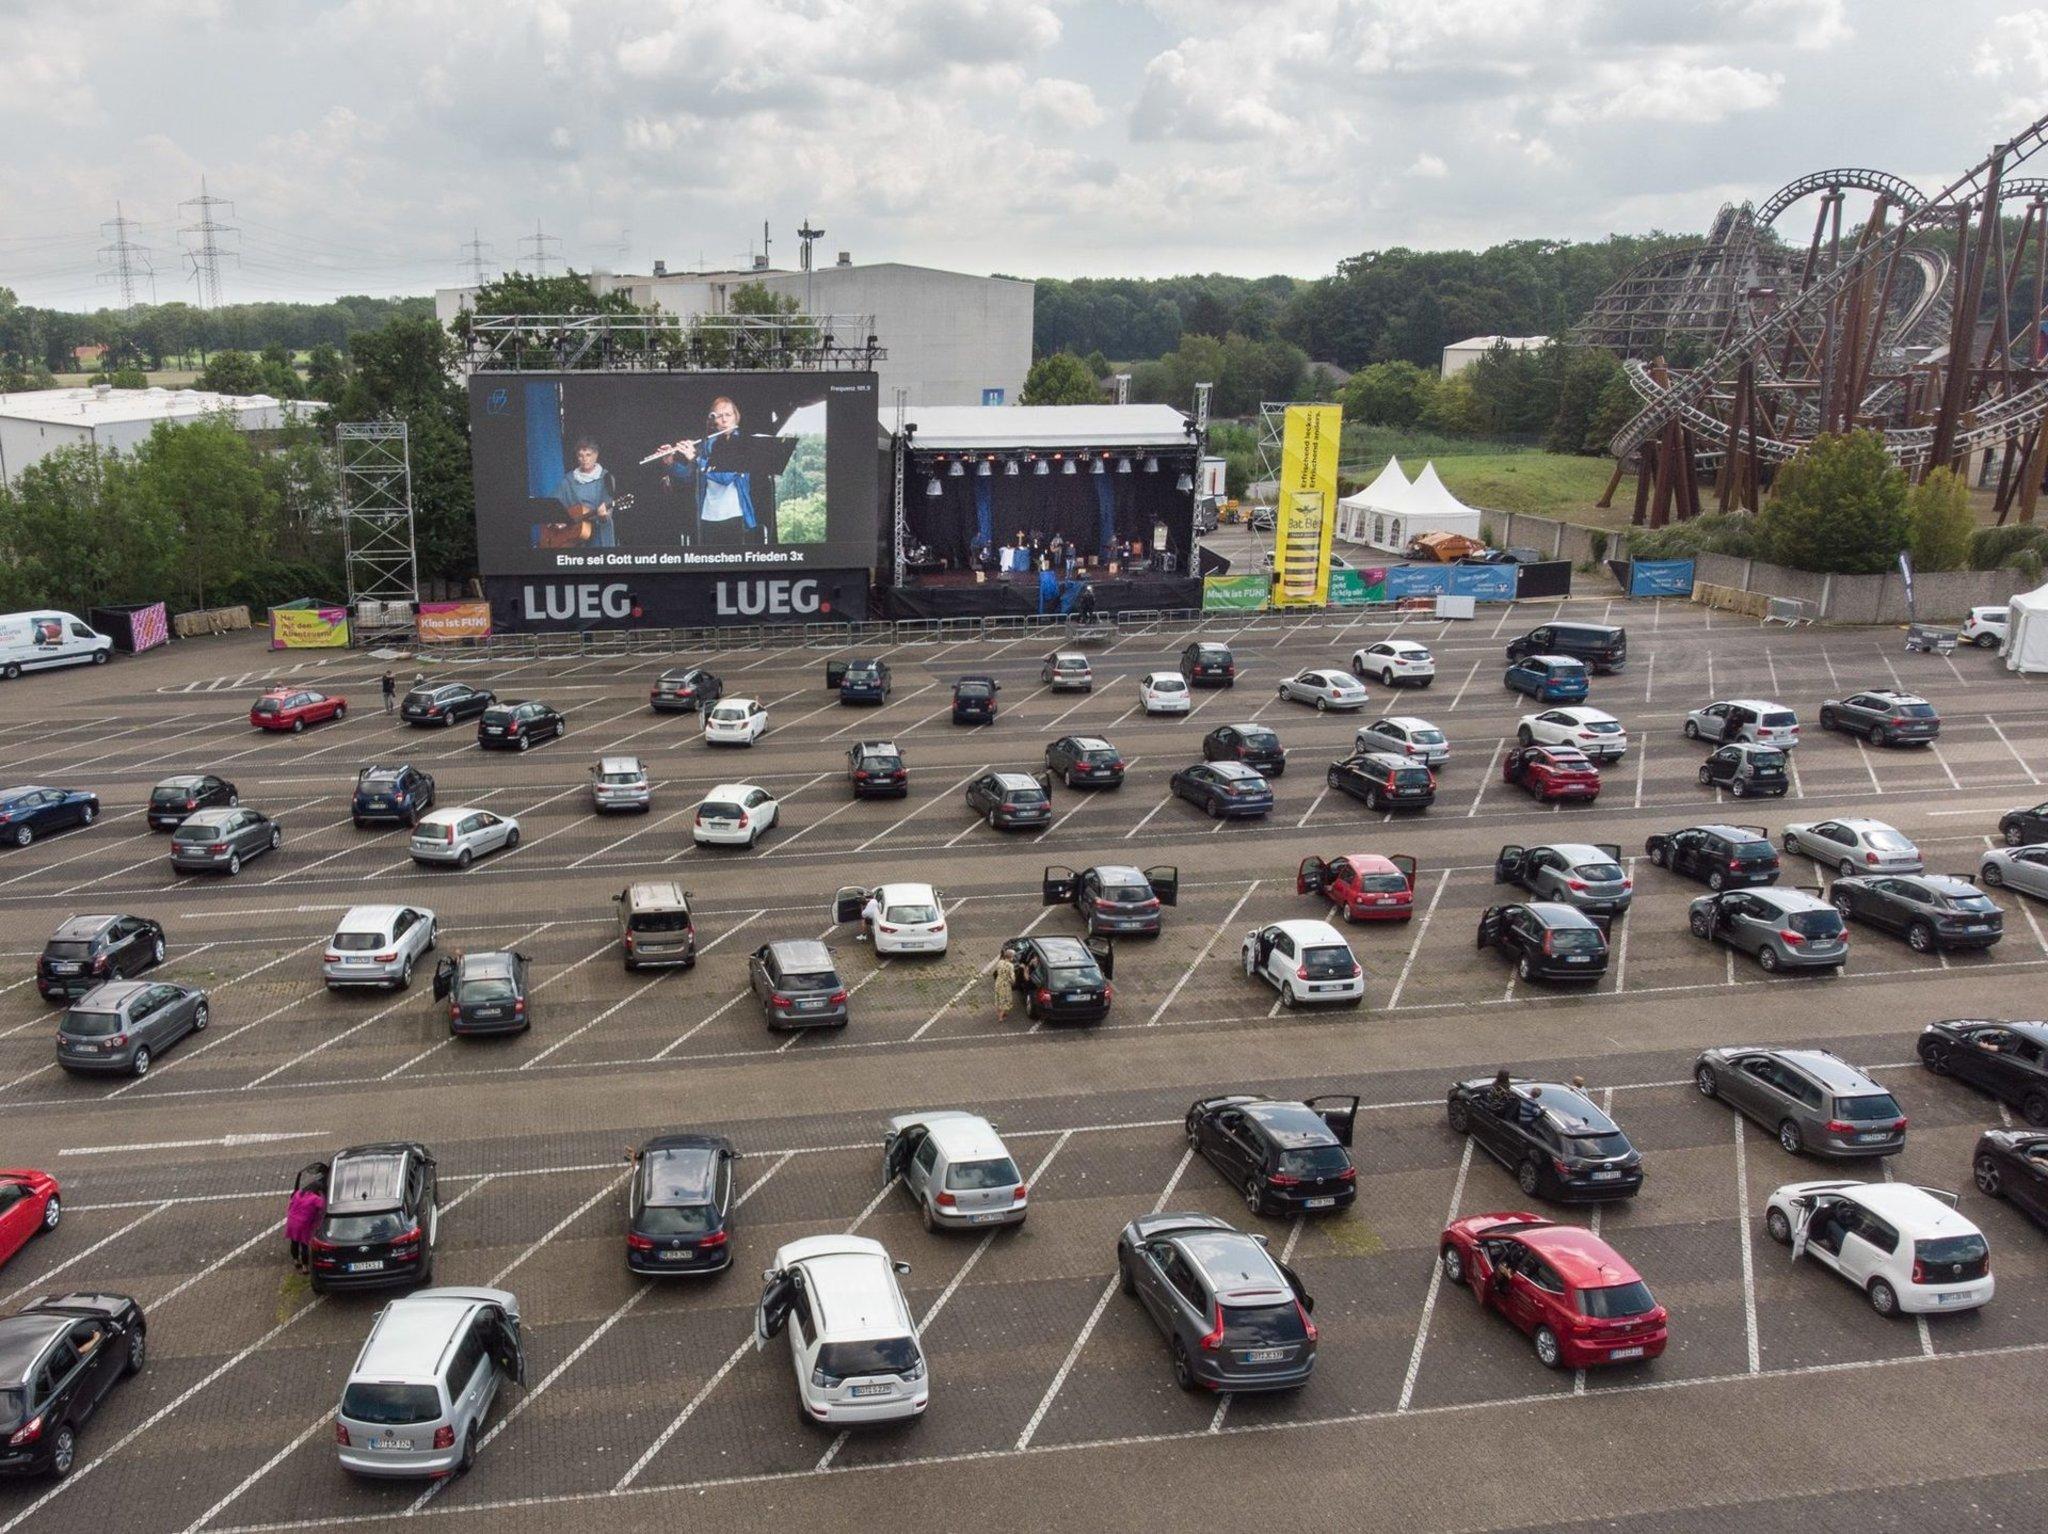 Autokino Movie Park